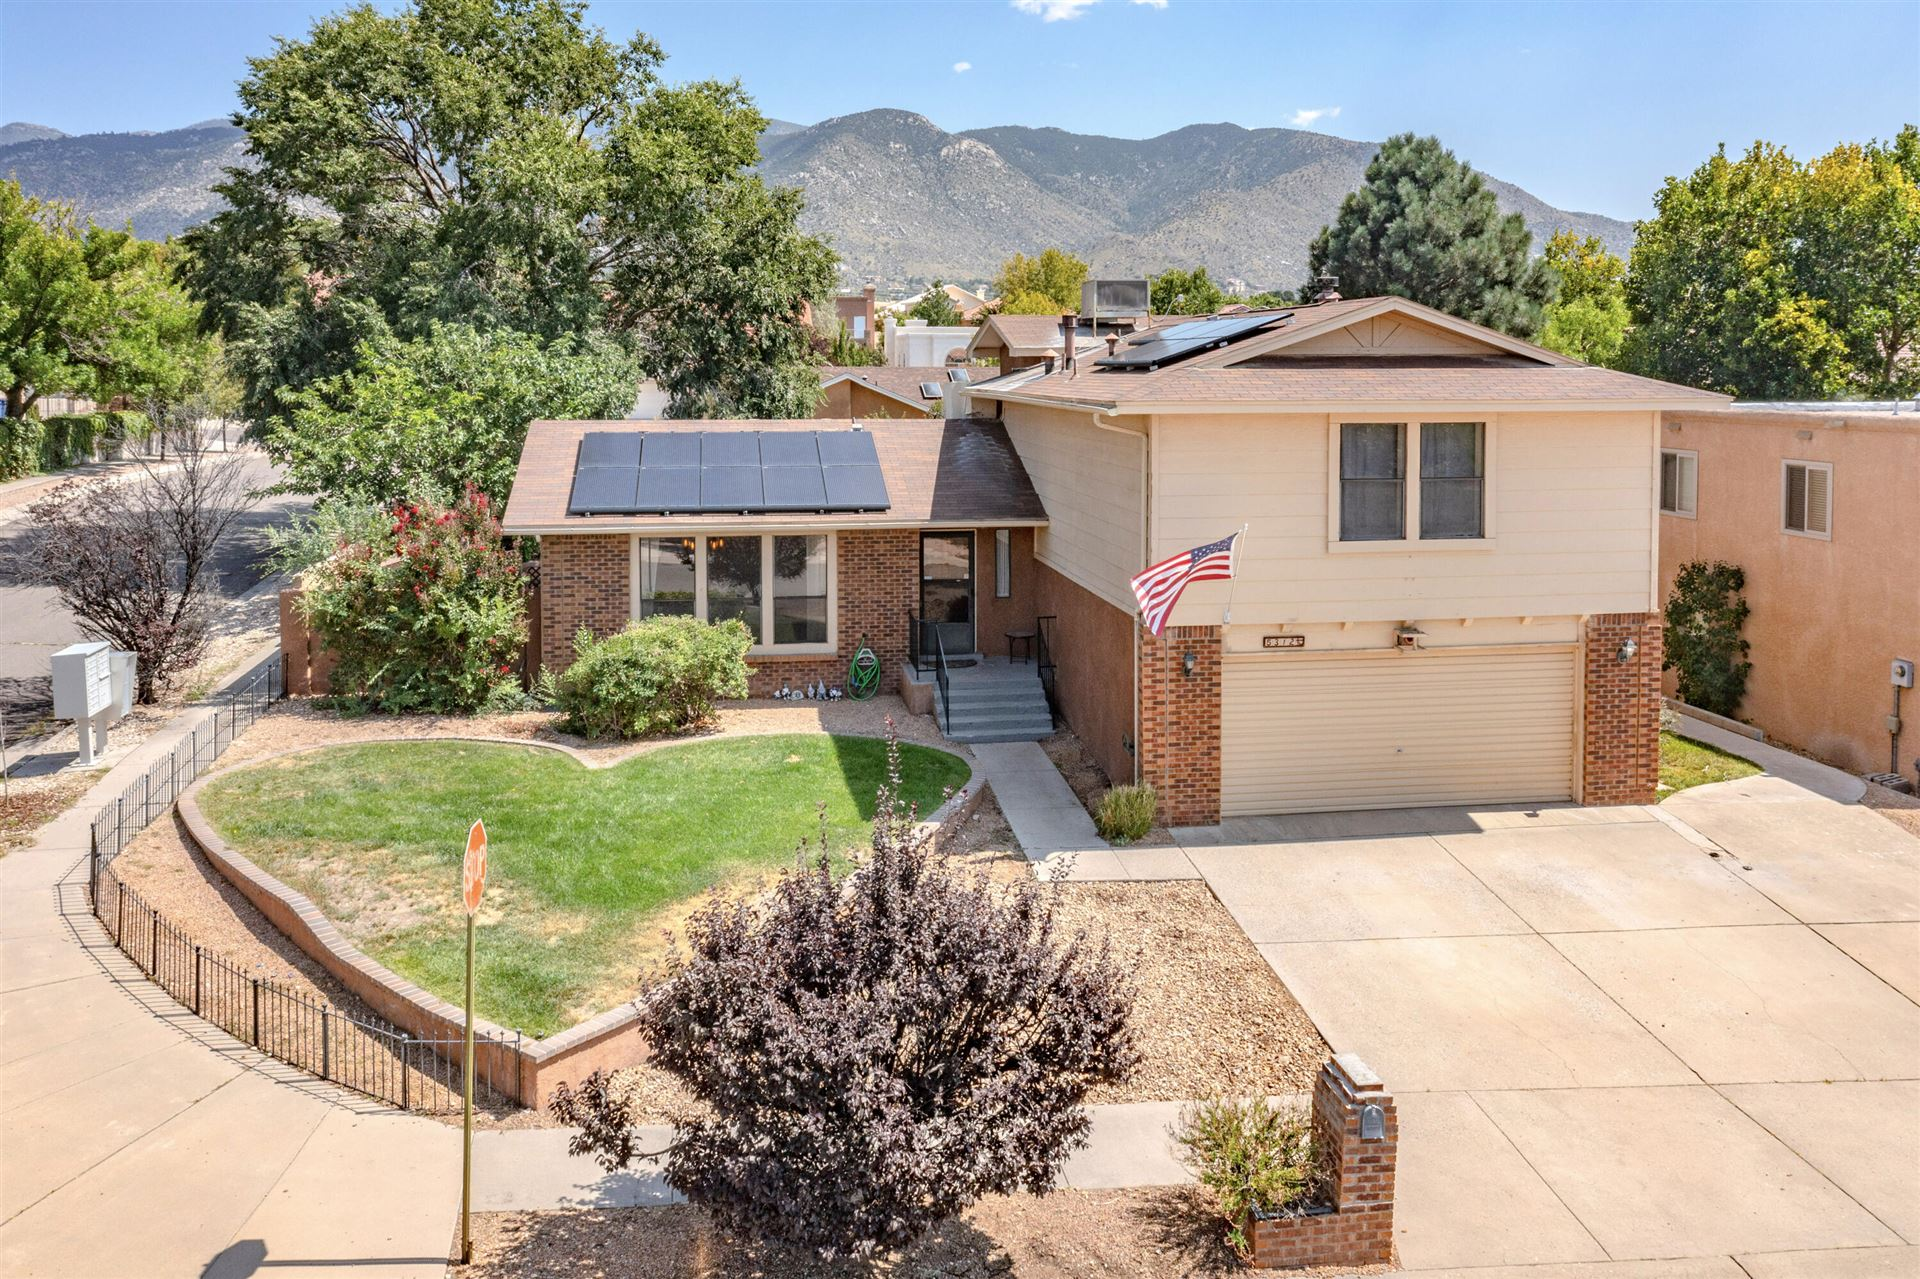 5312 CAMINO SANDIA NE, Albuquerque, NM 87111 - MLS#: 1000720